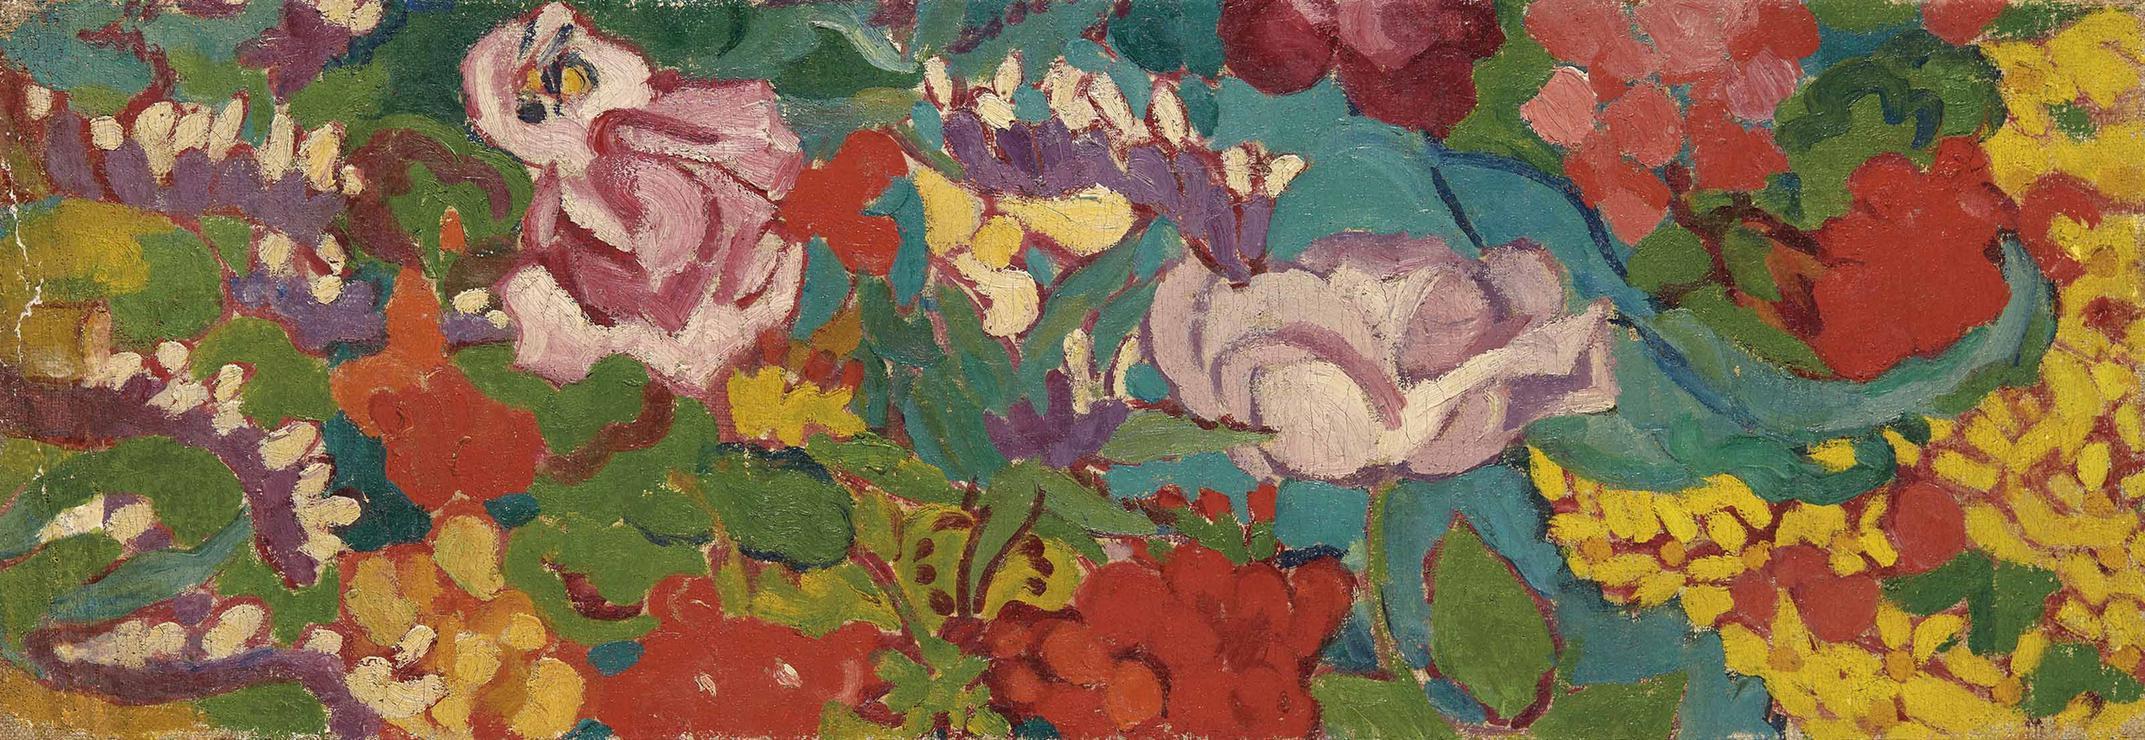 Louis Valtat-Fleurs-1913